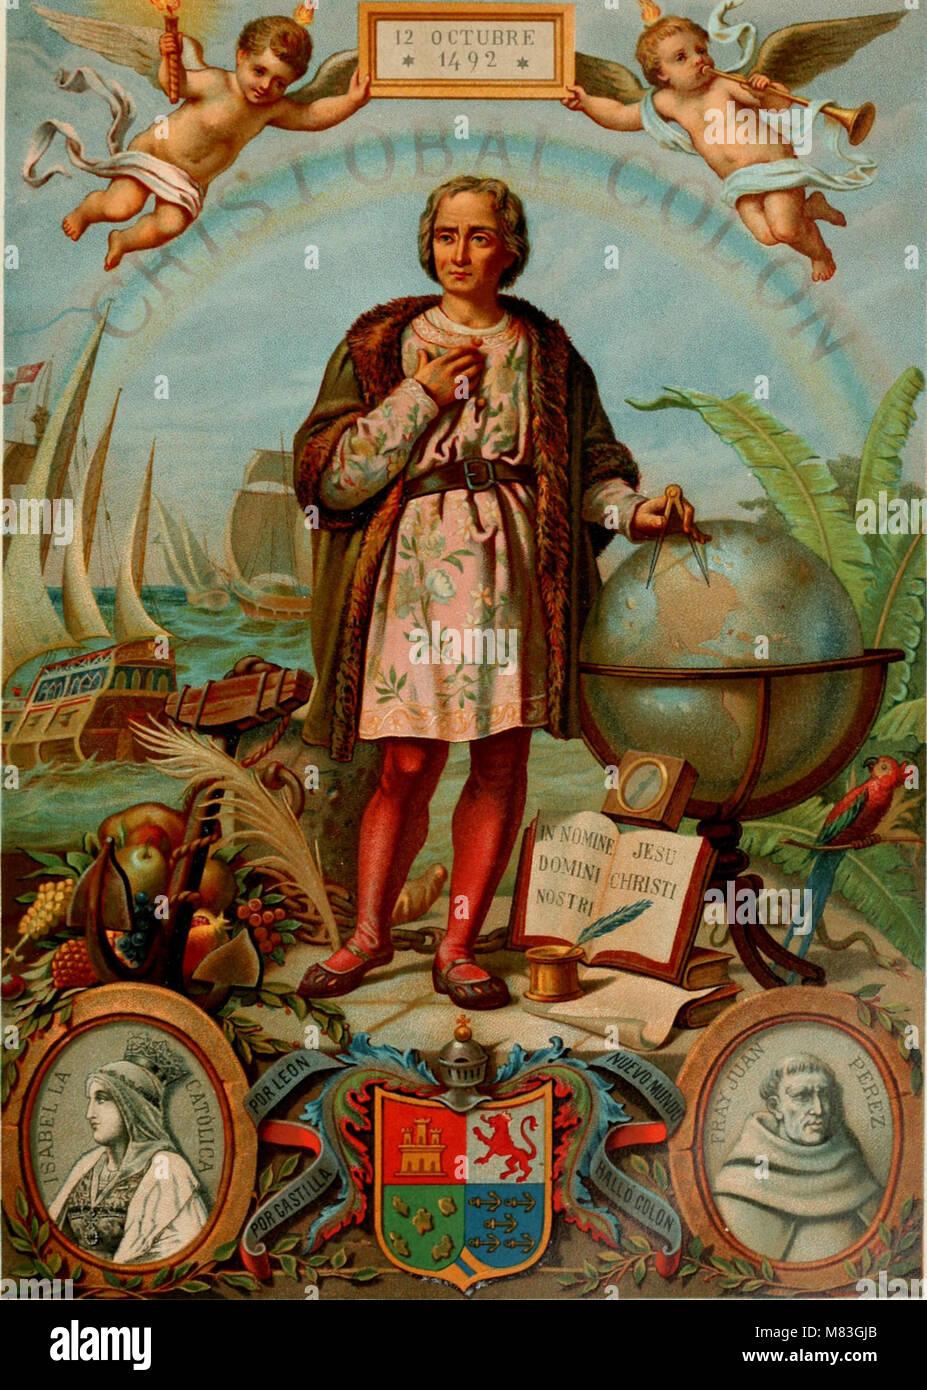 Cristobal Colon - su vida, sus viajes, sus descubrimientos (1891) (14798141123) Banque D'Images